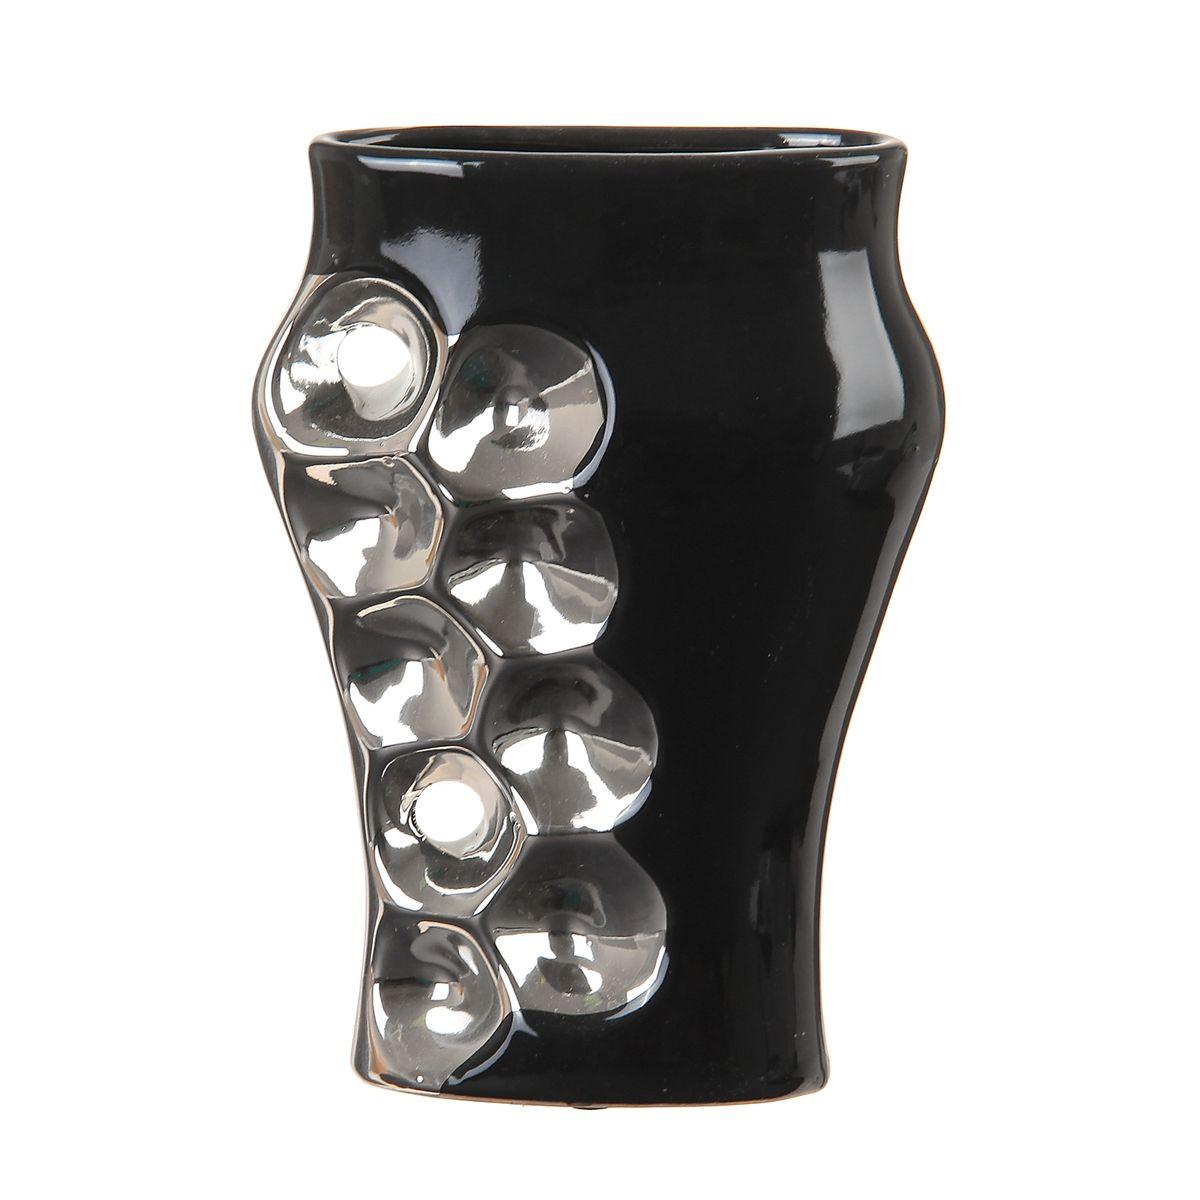 Ваза Sima-land Пузыри, цвет: черный, серебристый, высота 22 см863619Ваза Sima-land Пузыри изготовлена из высококачественной керамики. Интересная форма и необычное оформление сделают эту вазу замечательным украшением интерьера. Ваза предназначена как для живых, так и для искусственных цветов. Любое помещение выглядит незавершенным без правильно расположенных предметов интерьера. Они помогают создать уют, расставить акценты, подчеркнуть достоинства или скрыть недостатки.